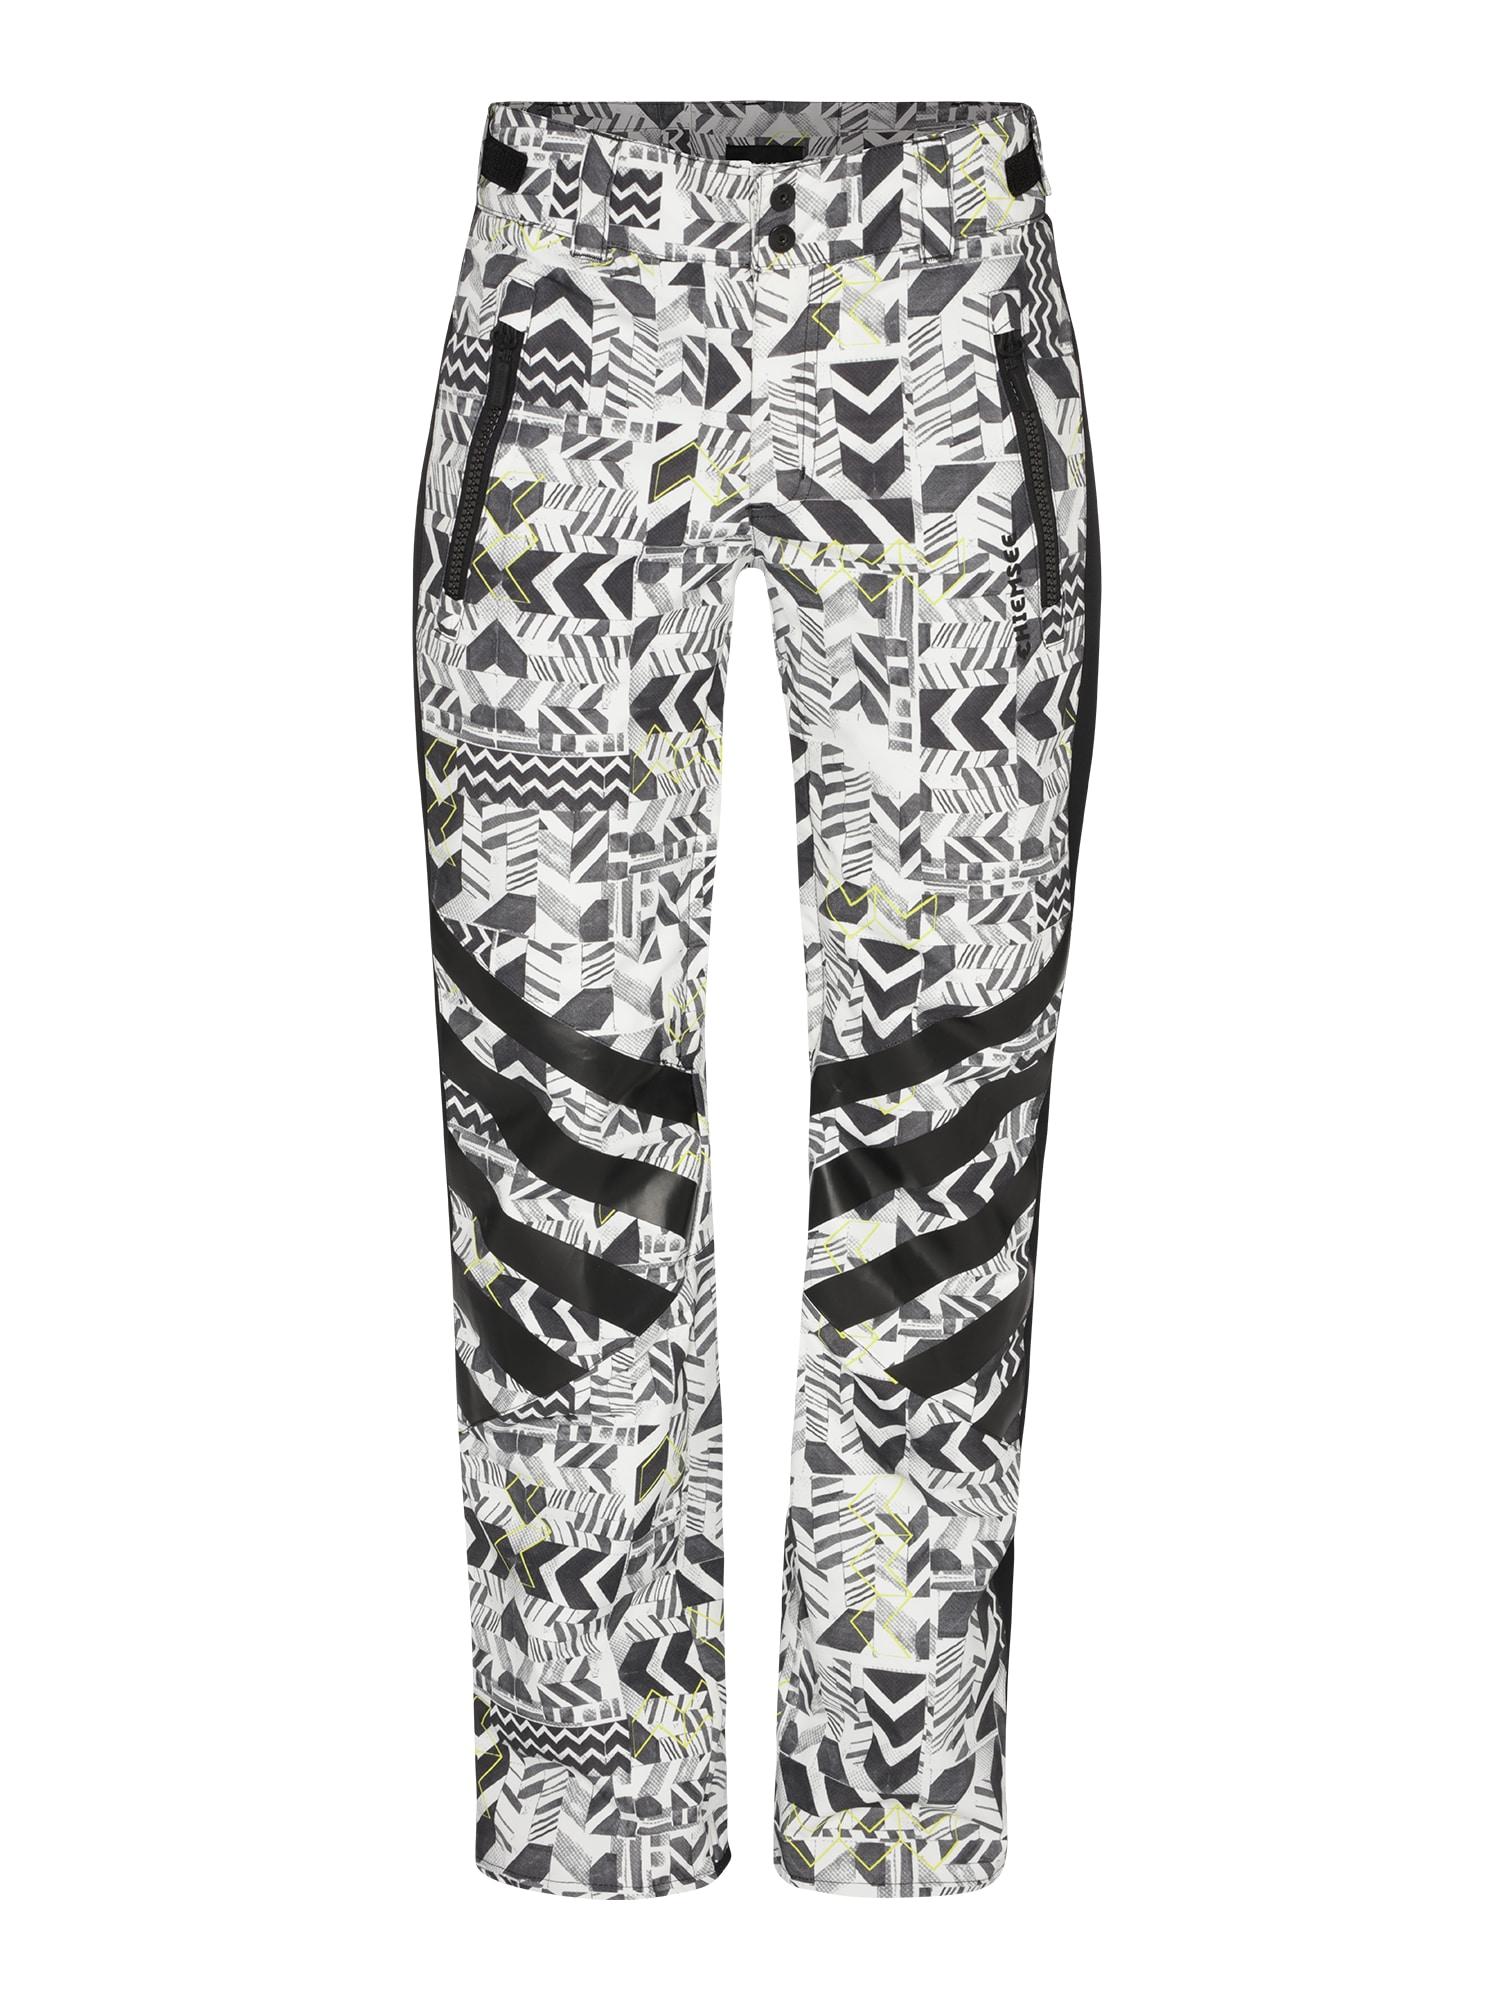 CHIEMSEE Sportinės kelnės juoda / balta